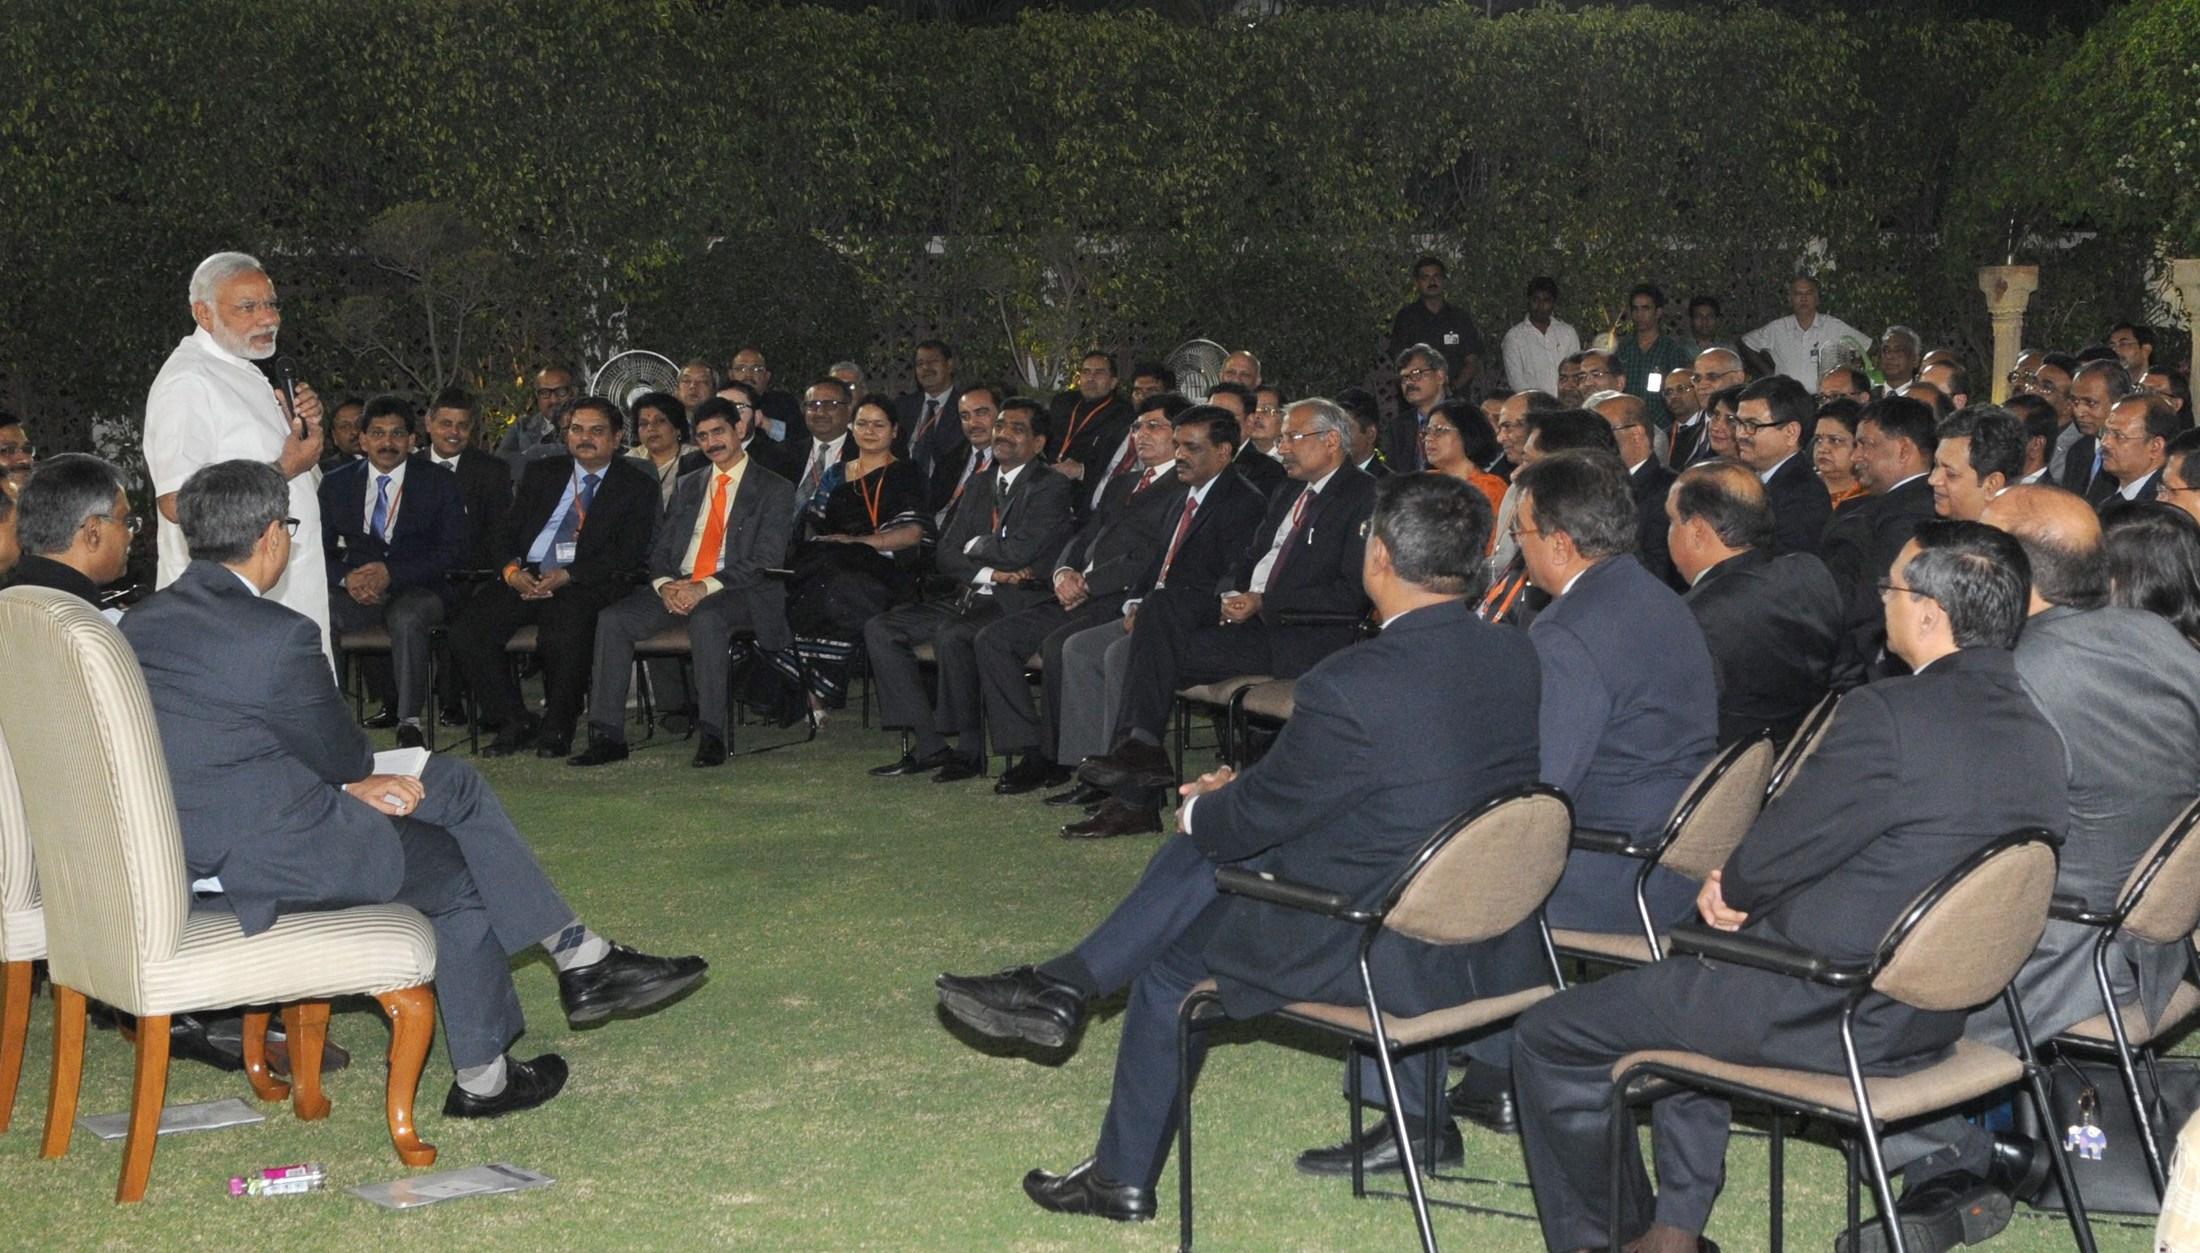 آئی اے ایس افسروں کے ساتھ ایک ٹریننگ کے دوران وزیر اعظم مودی (فائل فوٹو : پی آئی بی)